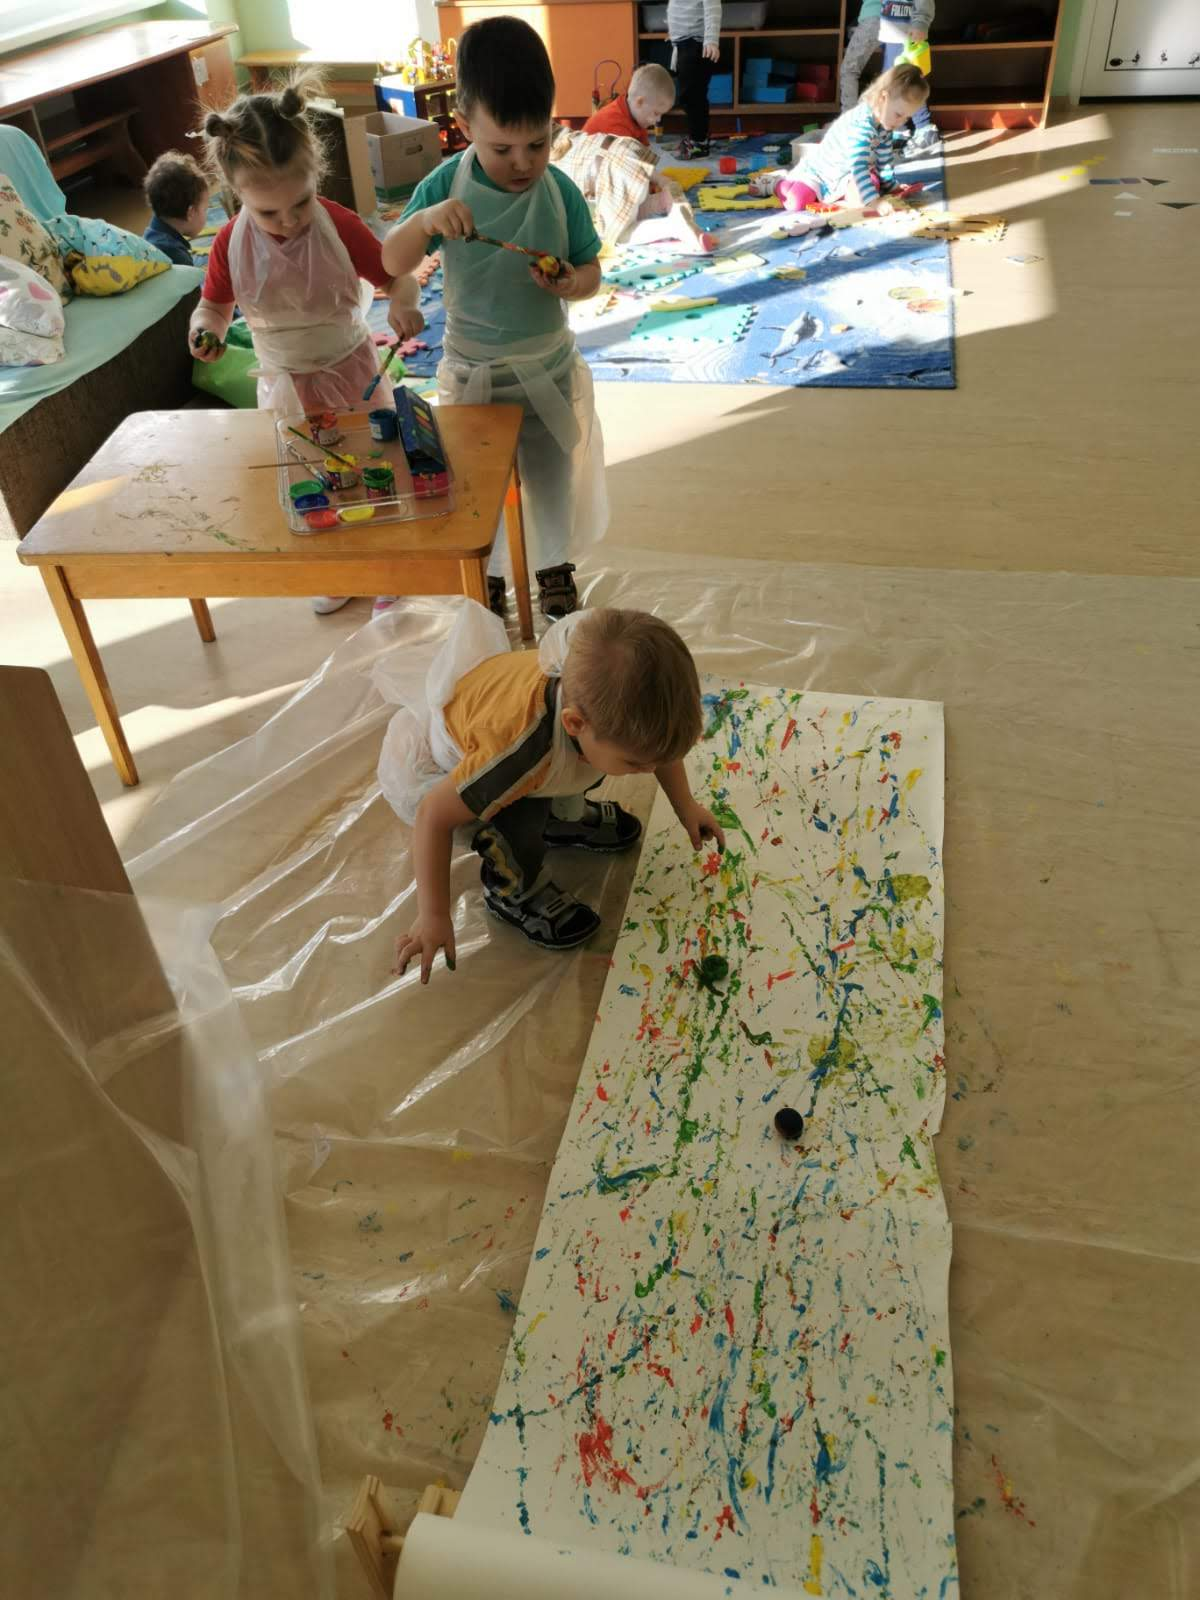 Dzīvespriecīgs bērns radošajā vidē